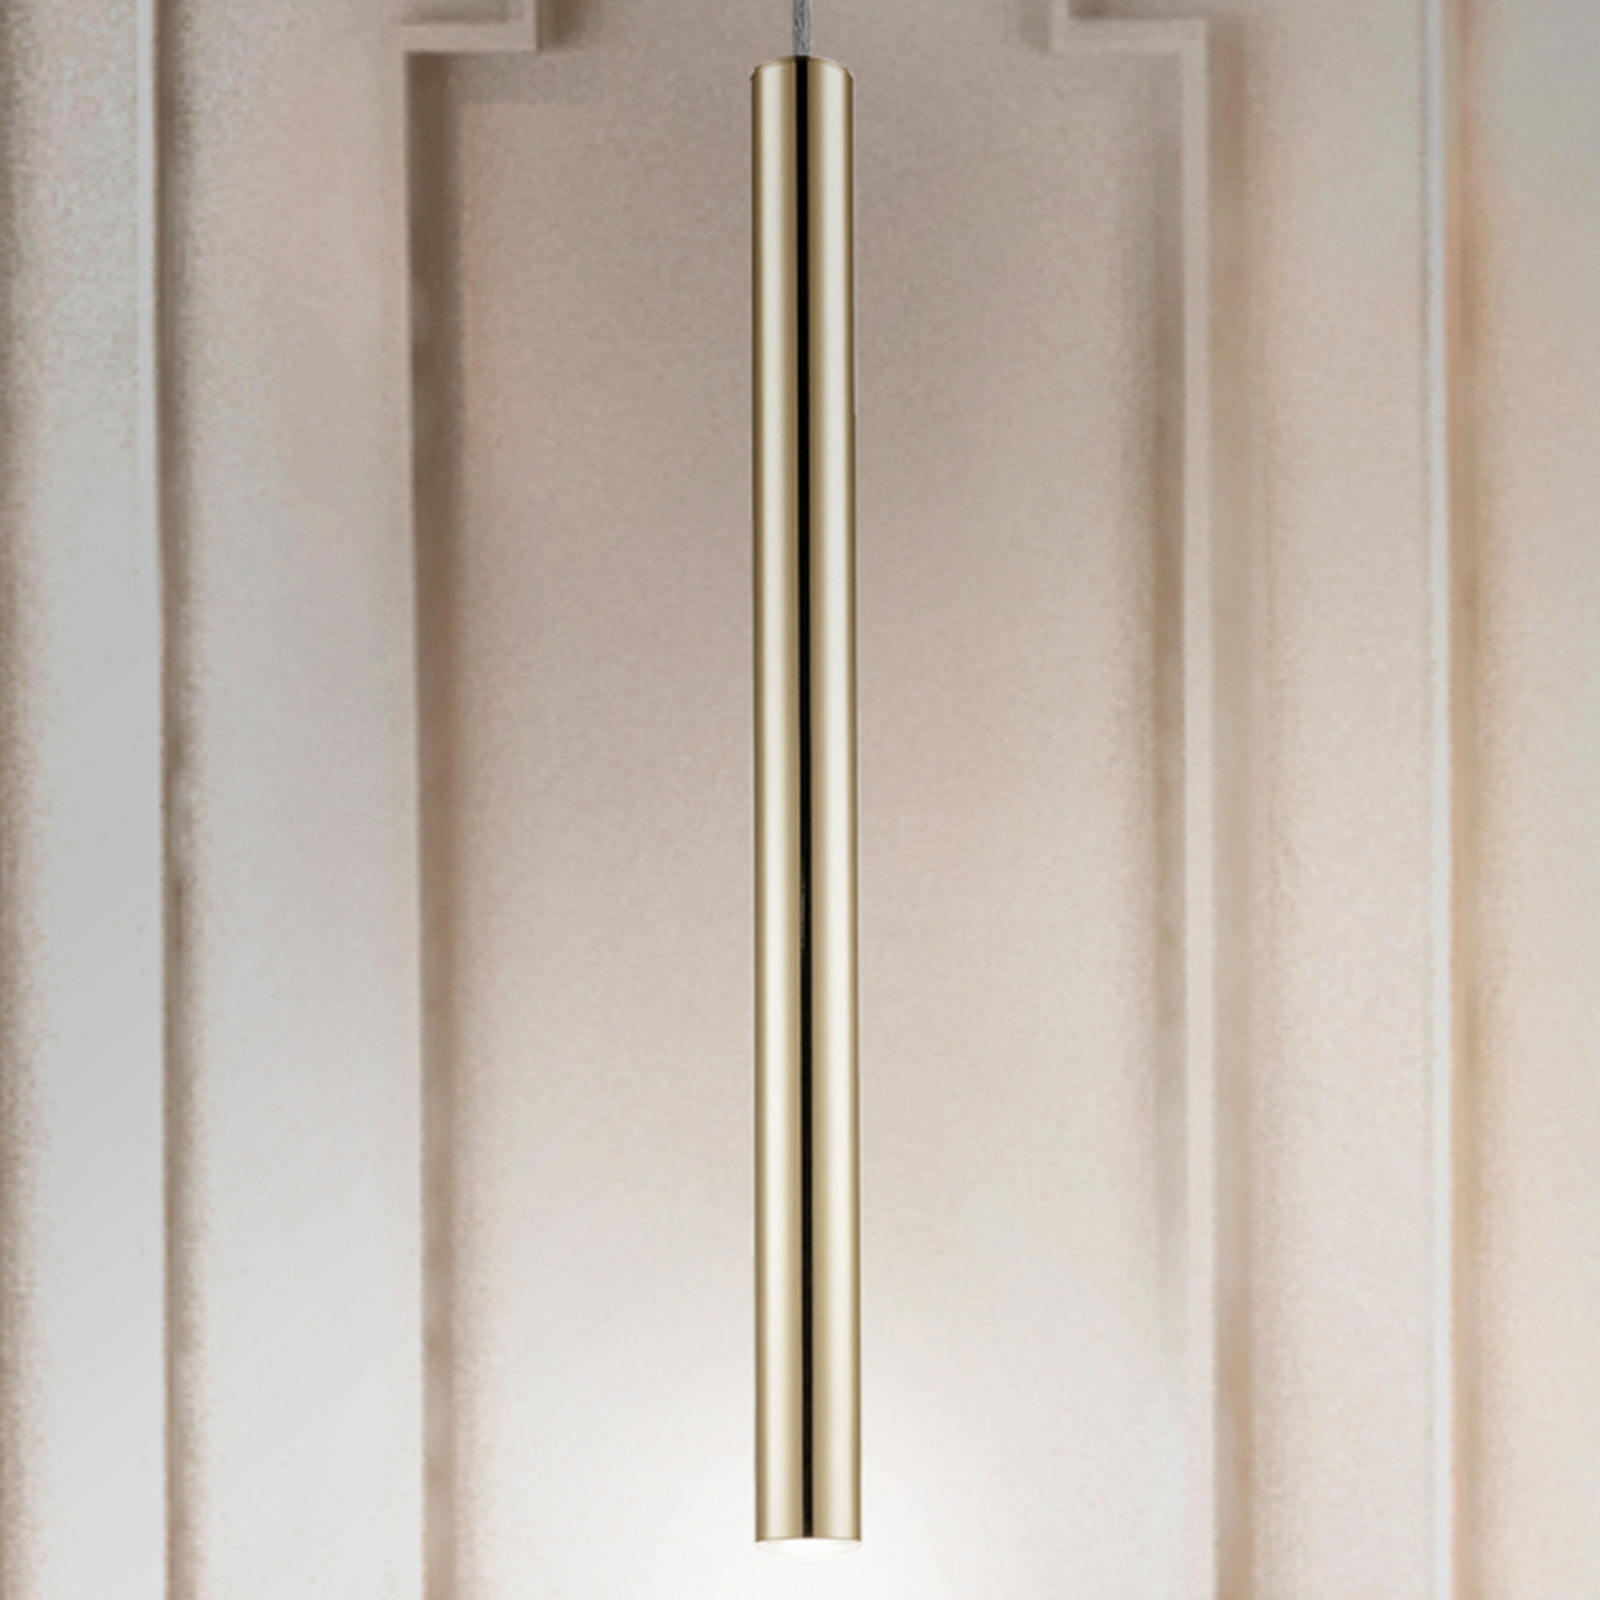 LED-riippuvalaisin, yksilamppuinen, kulta